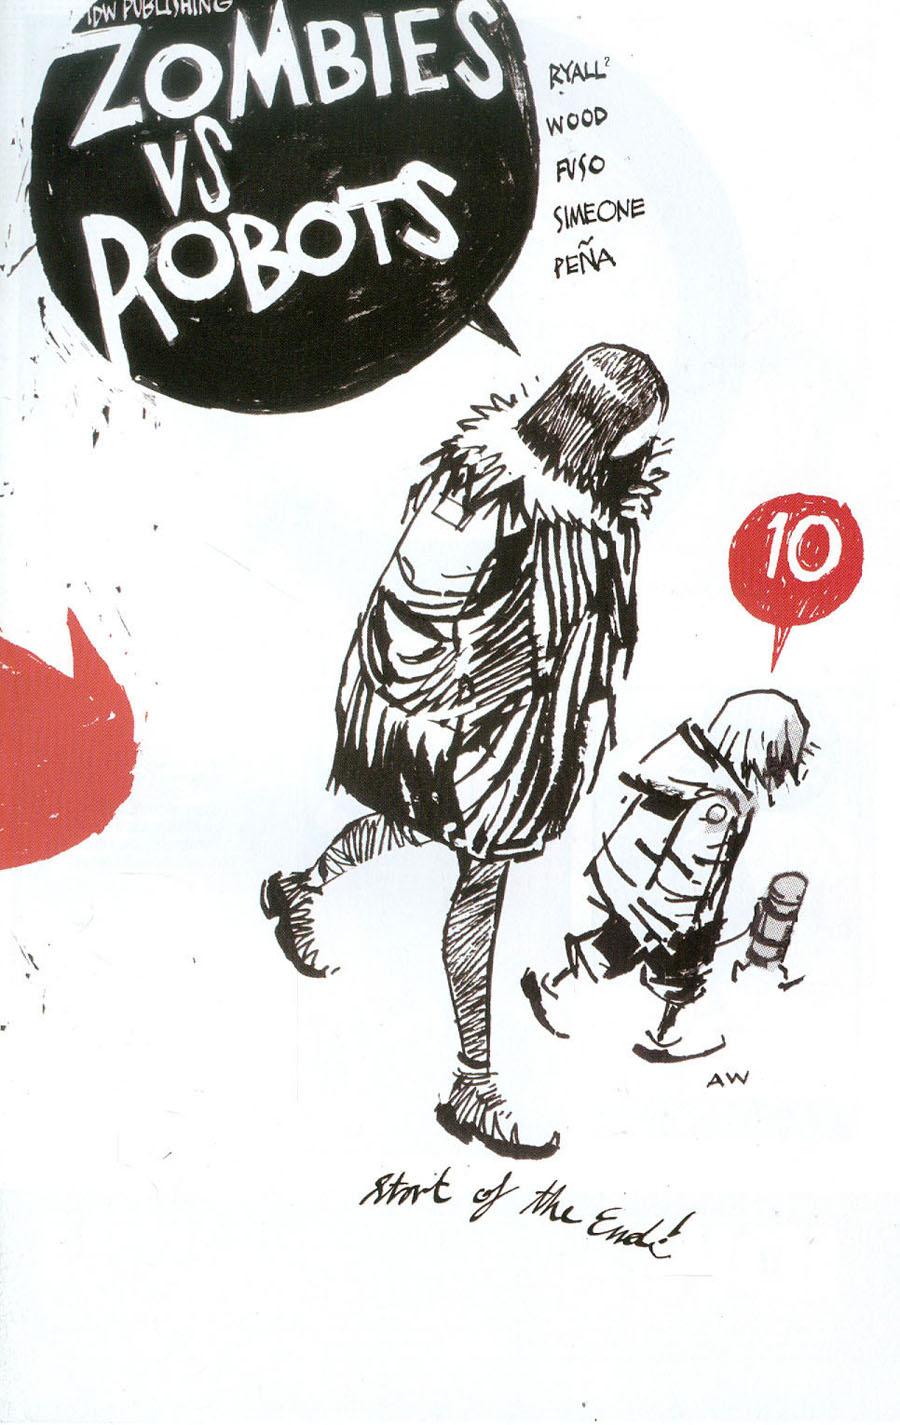 Zombies vs Robots Vol 2 #10 Cover A Regular Ashley Wood Cover